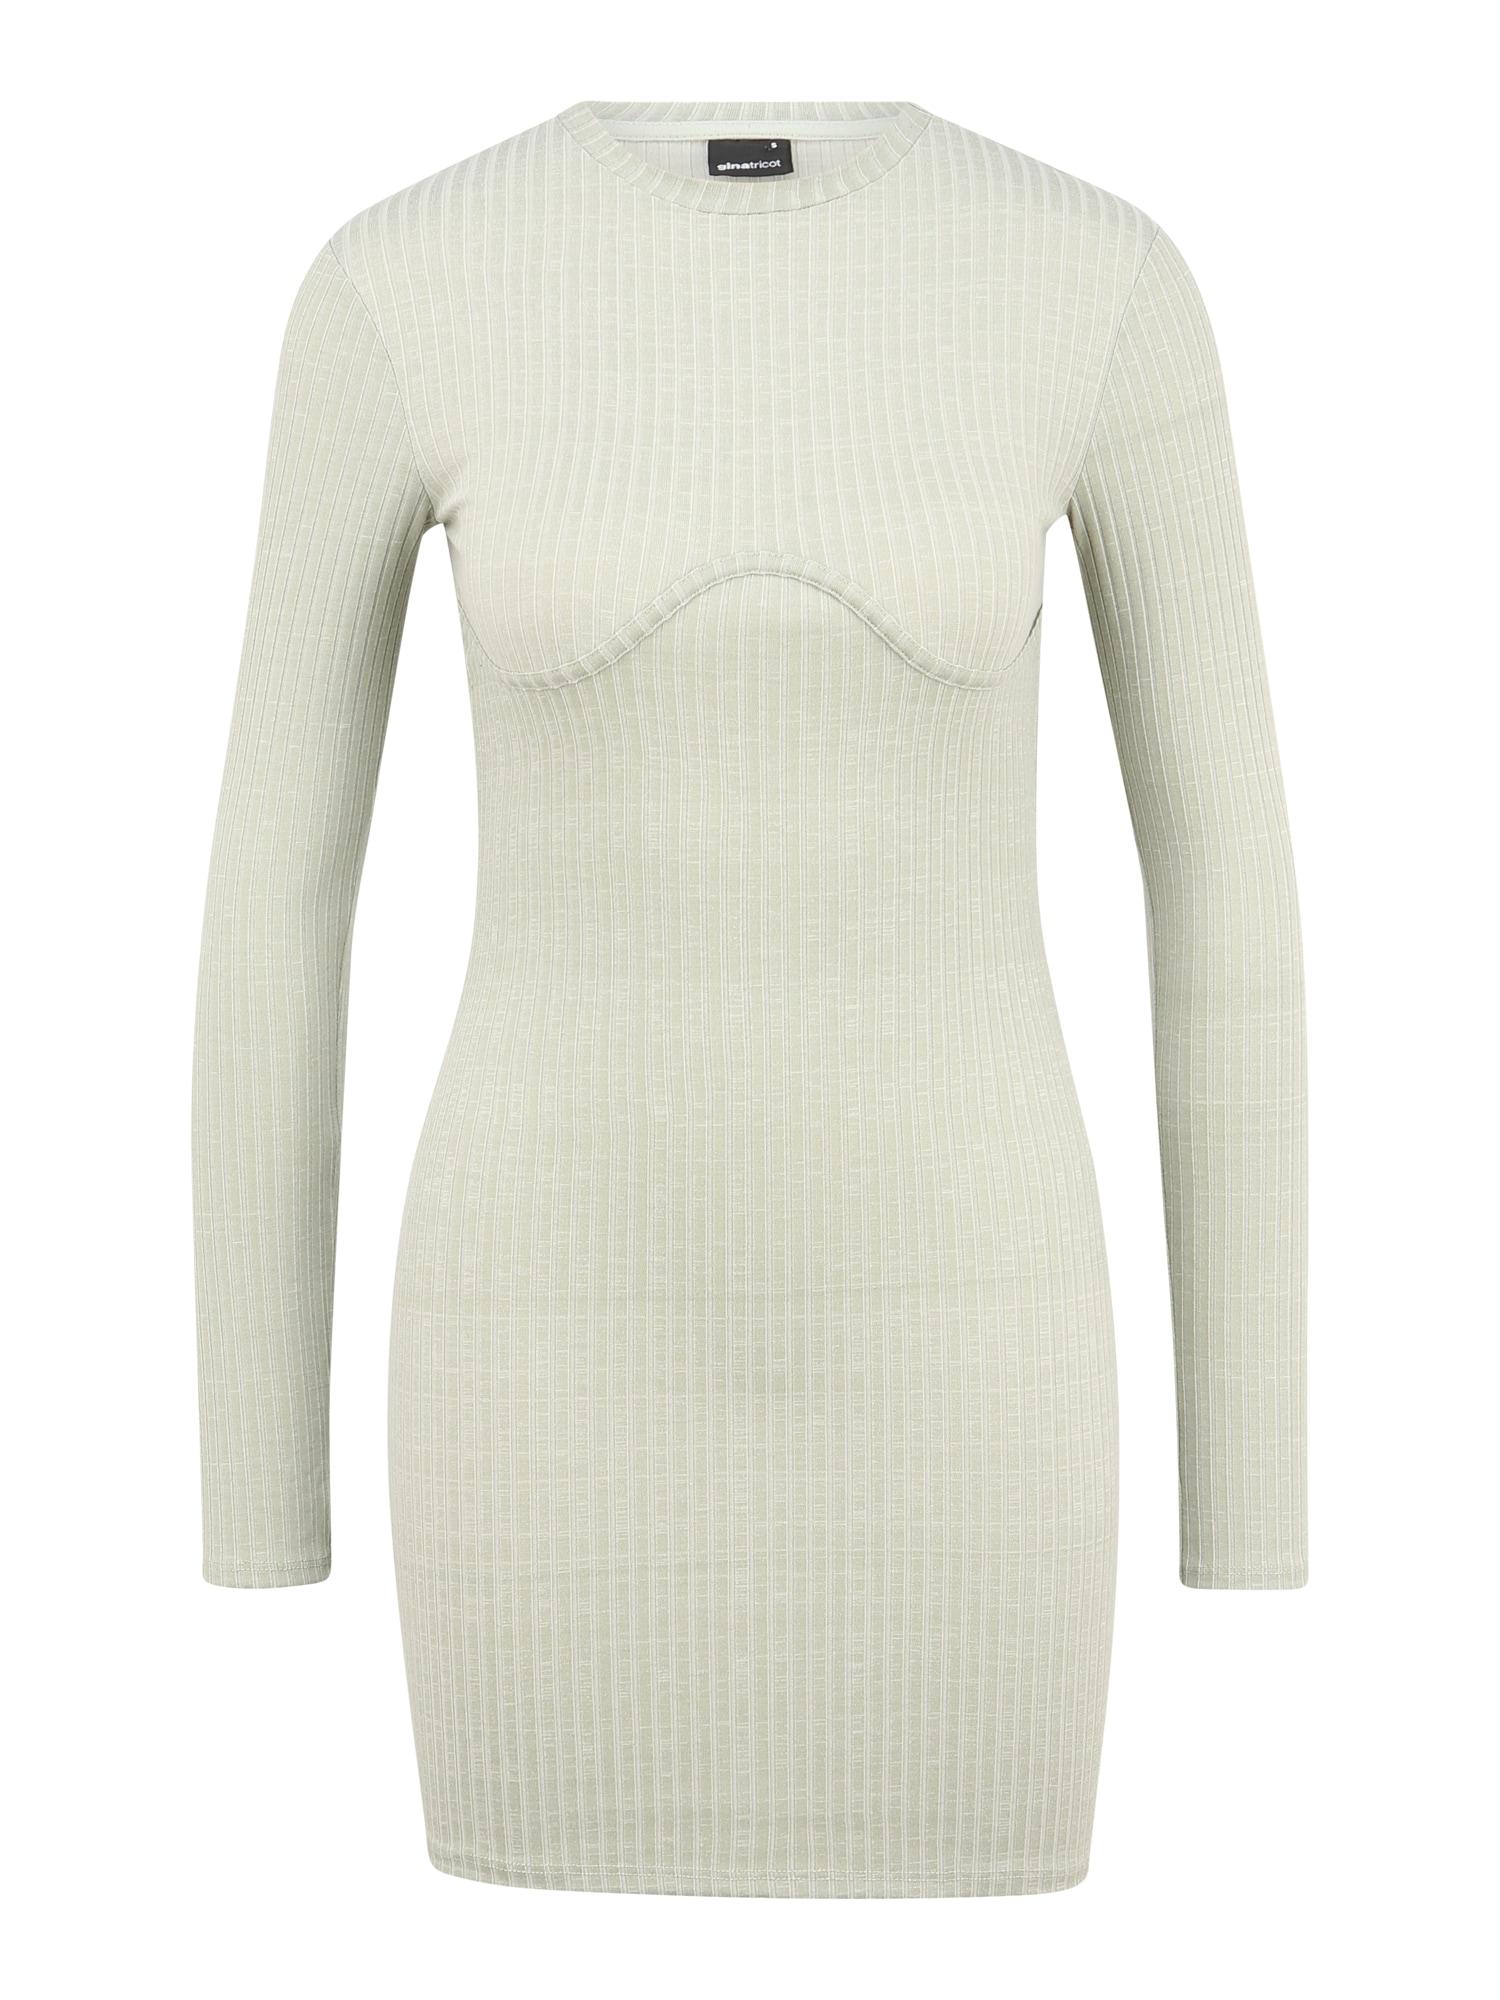 Gina Tricot (Petite) Suknelė